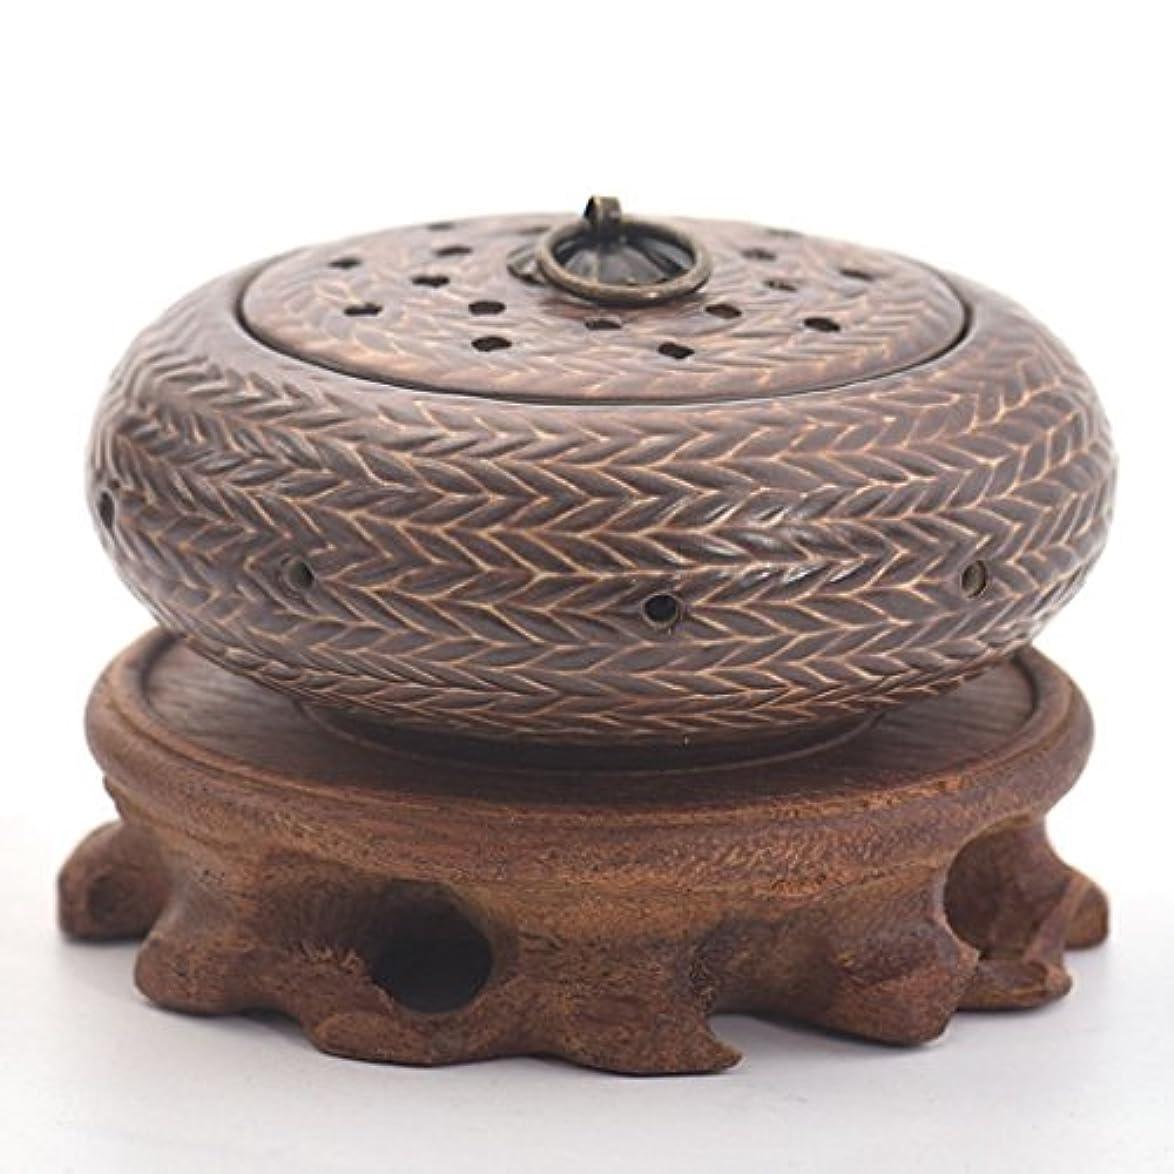 期待して処理する熱心(ラシューバー) Lasuiveur 陶磁器 香炉 香立て 線香立て お香立て